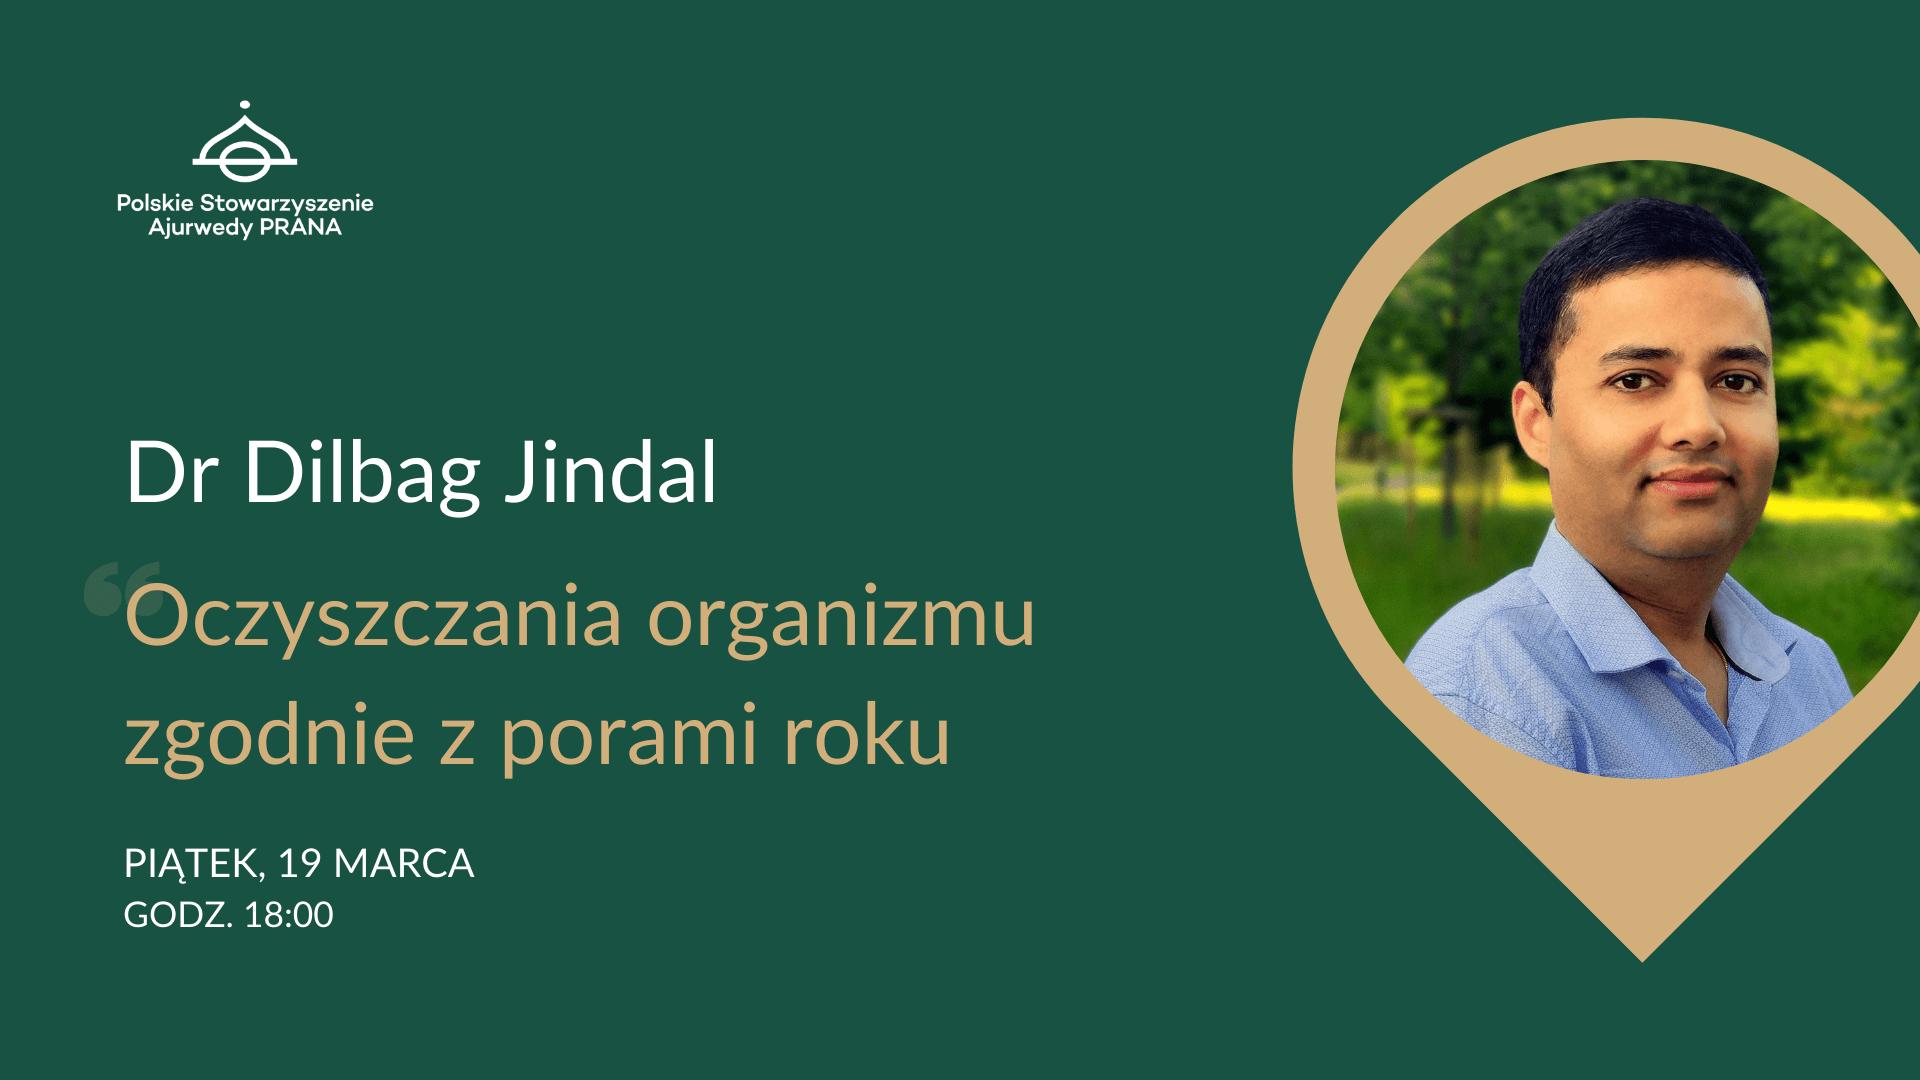 Oczyszczanie organizmu zgodnie z porami roku – rozmowa z dr Dilbag Jindal